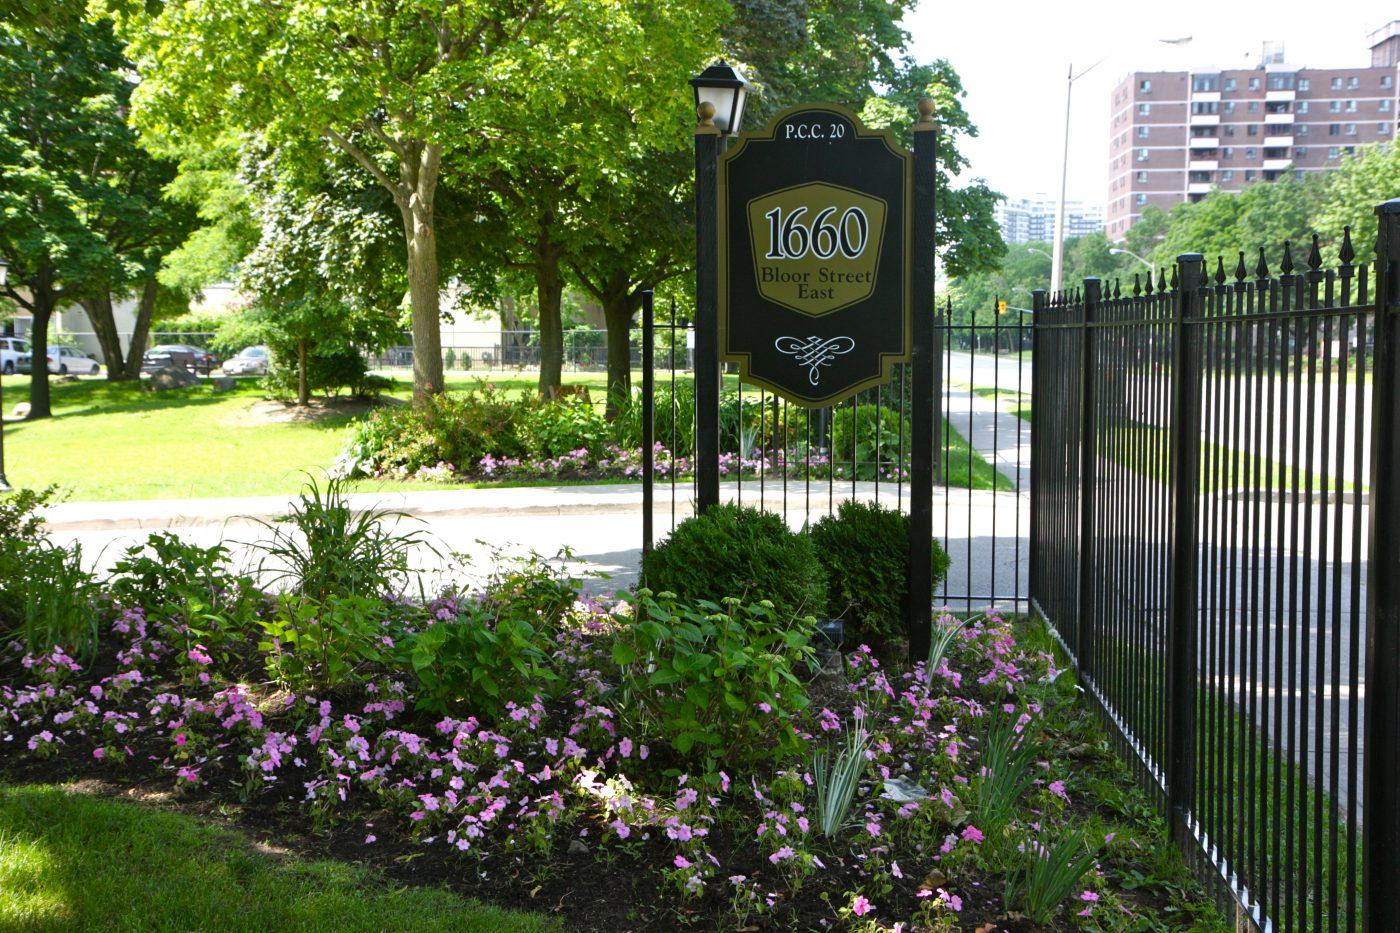 1660 Bloor gates